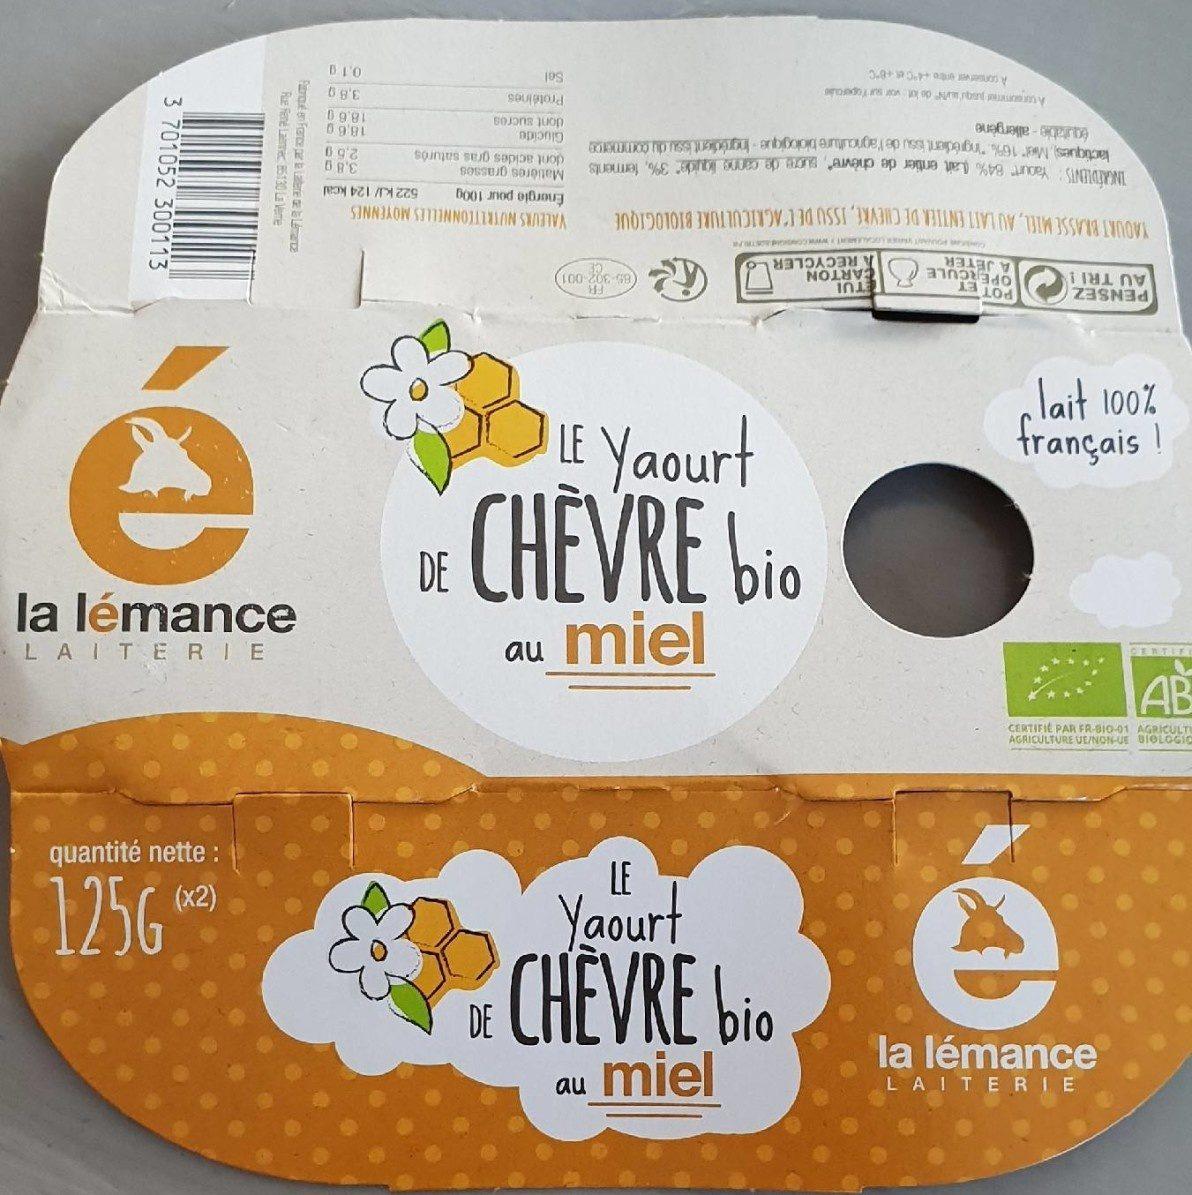 Le yaourt de chèvre bio au miel - Product - fr